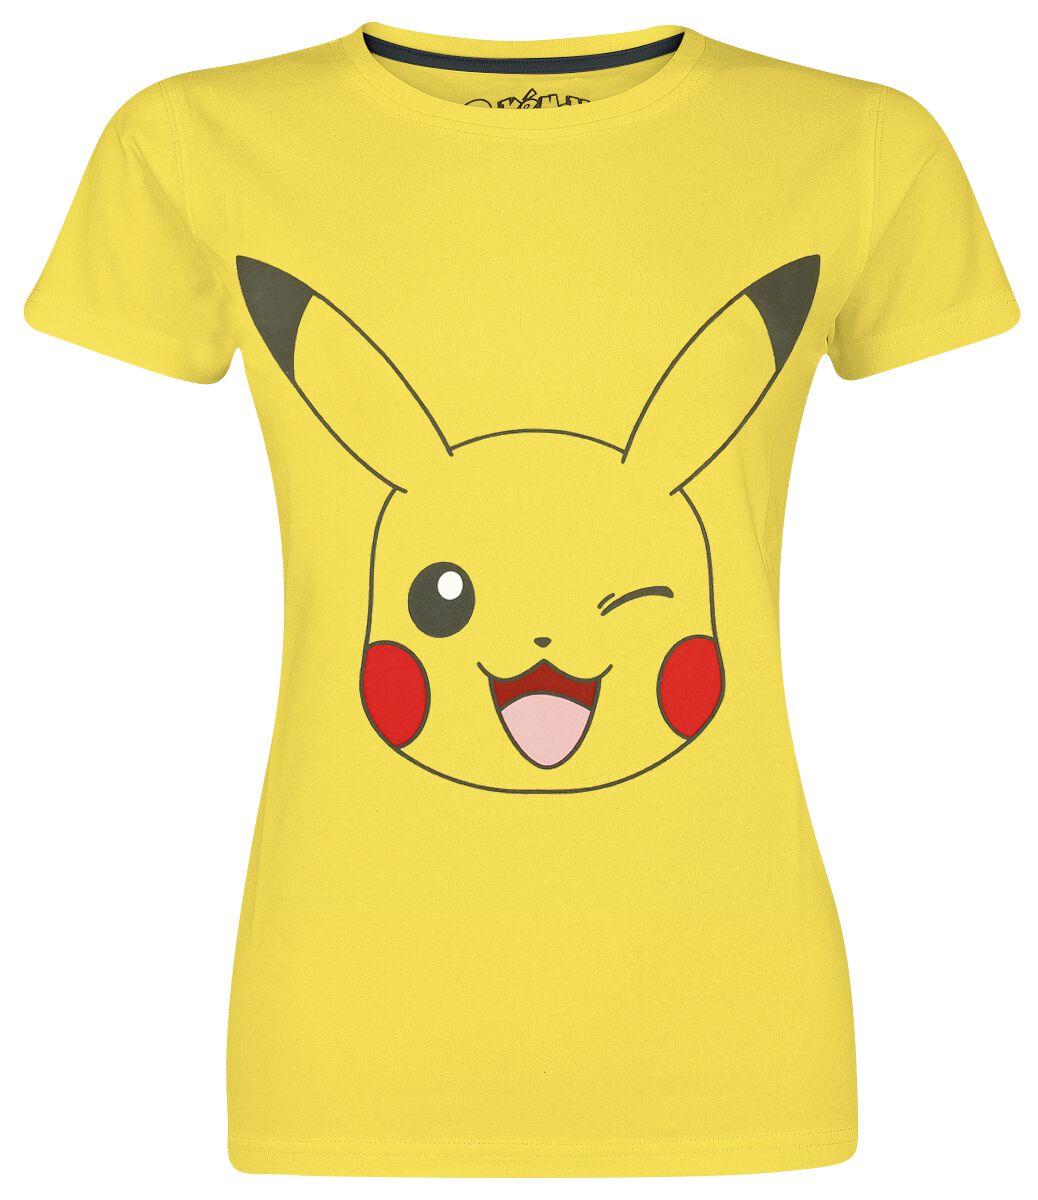 Pokemon Pikachu - Big Face Koszulka damska żółty